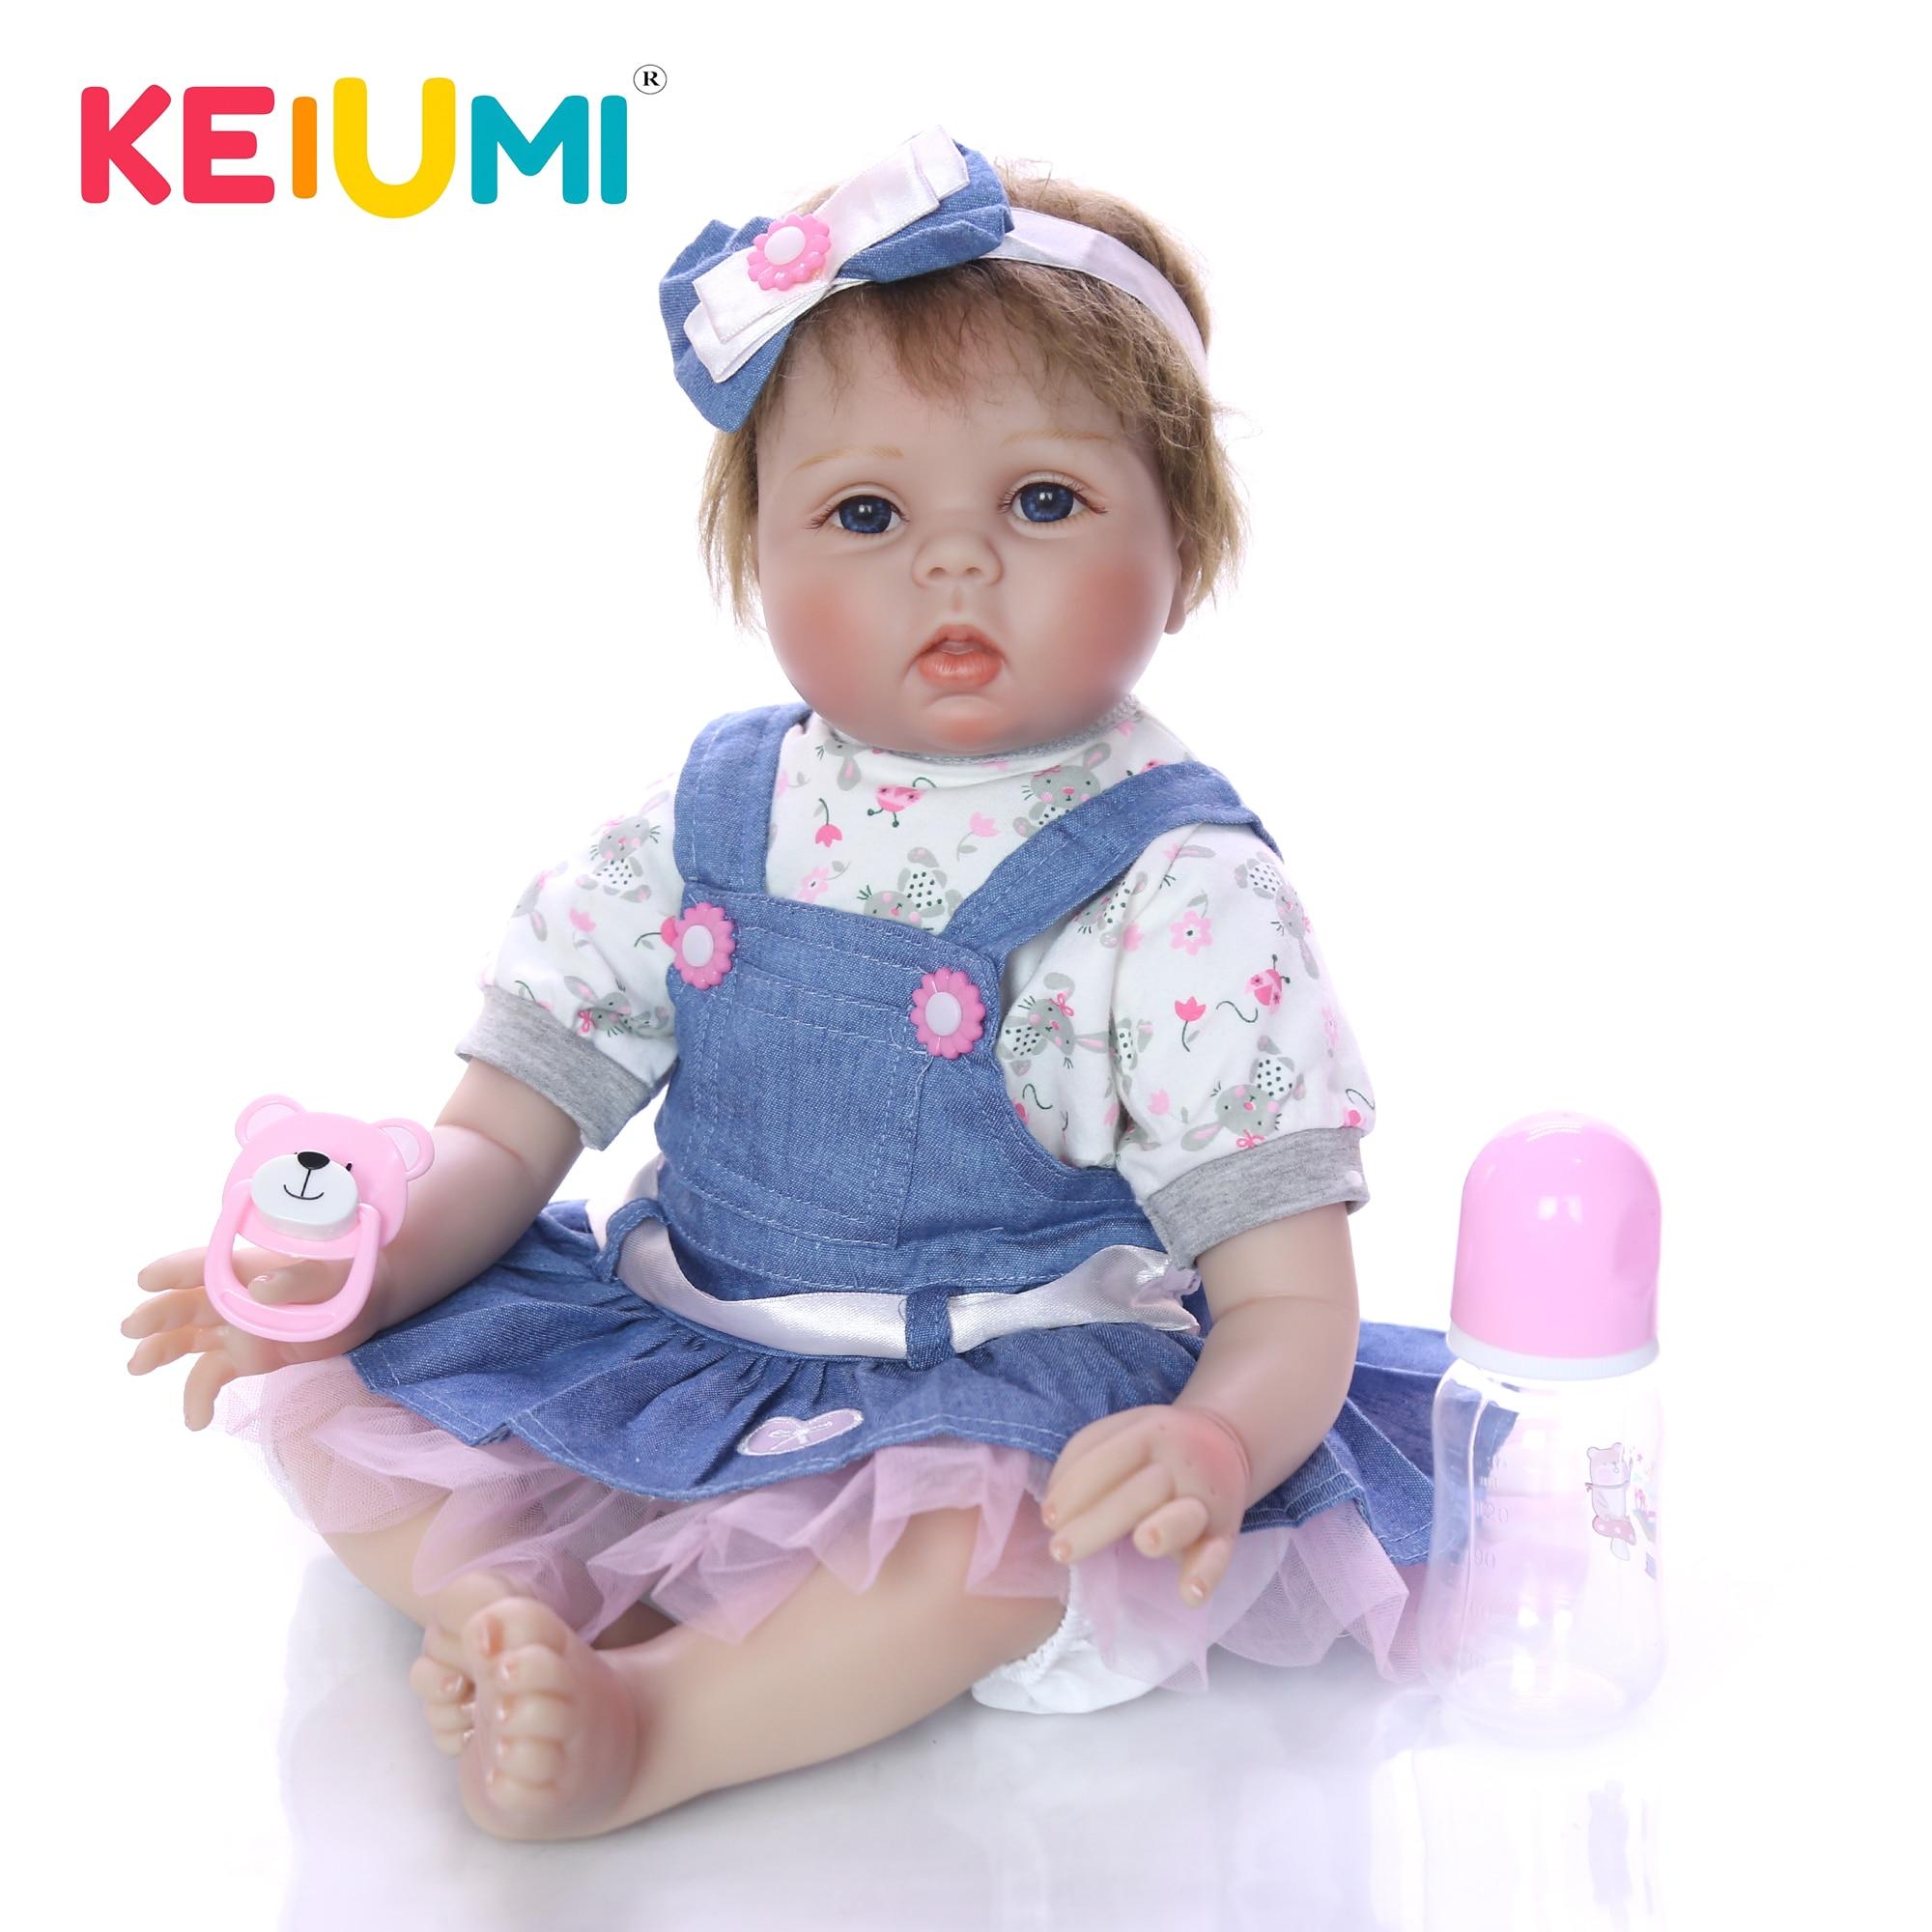 Oyuncaklar ve Hobi Ürünleri'ten Bebekler'de KEIUMI 22 Inç Gerçekçi Reborn Bebekler Kız Bebek El Yapımı Yenidoğan Bebek Giyim Kot Etek Bebek Oyuncak Çocuklar Için Doğum Günü Hediyeleri'da  Grup 1